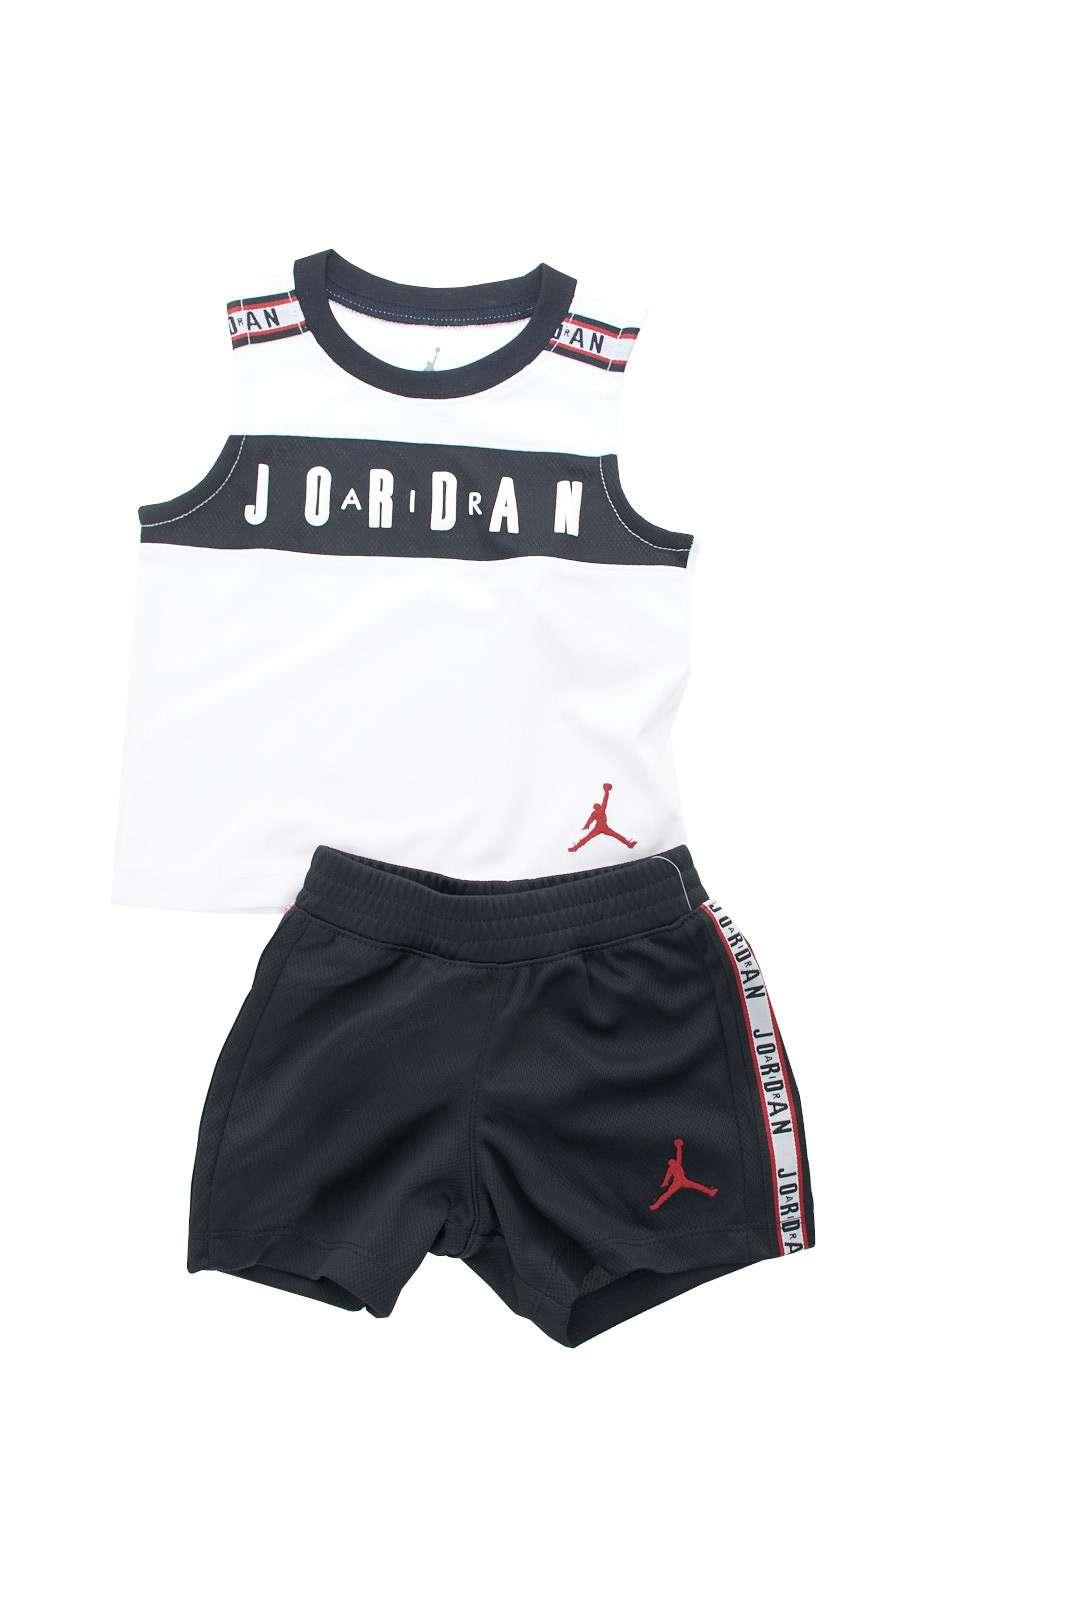 Un completo sportivo, firmato da un icona degli outfit casual:Nike Jordan. Perfetta per attività sportive, ma anche per occasioni informali, o la routine quotidiana dei più piccoli.